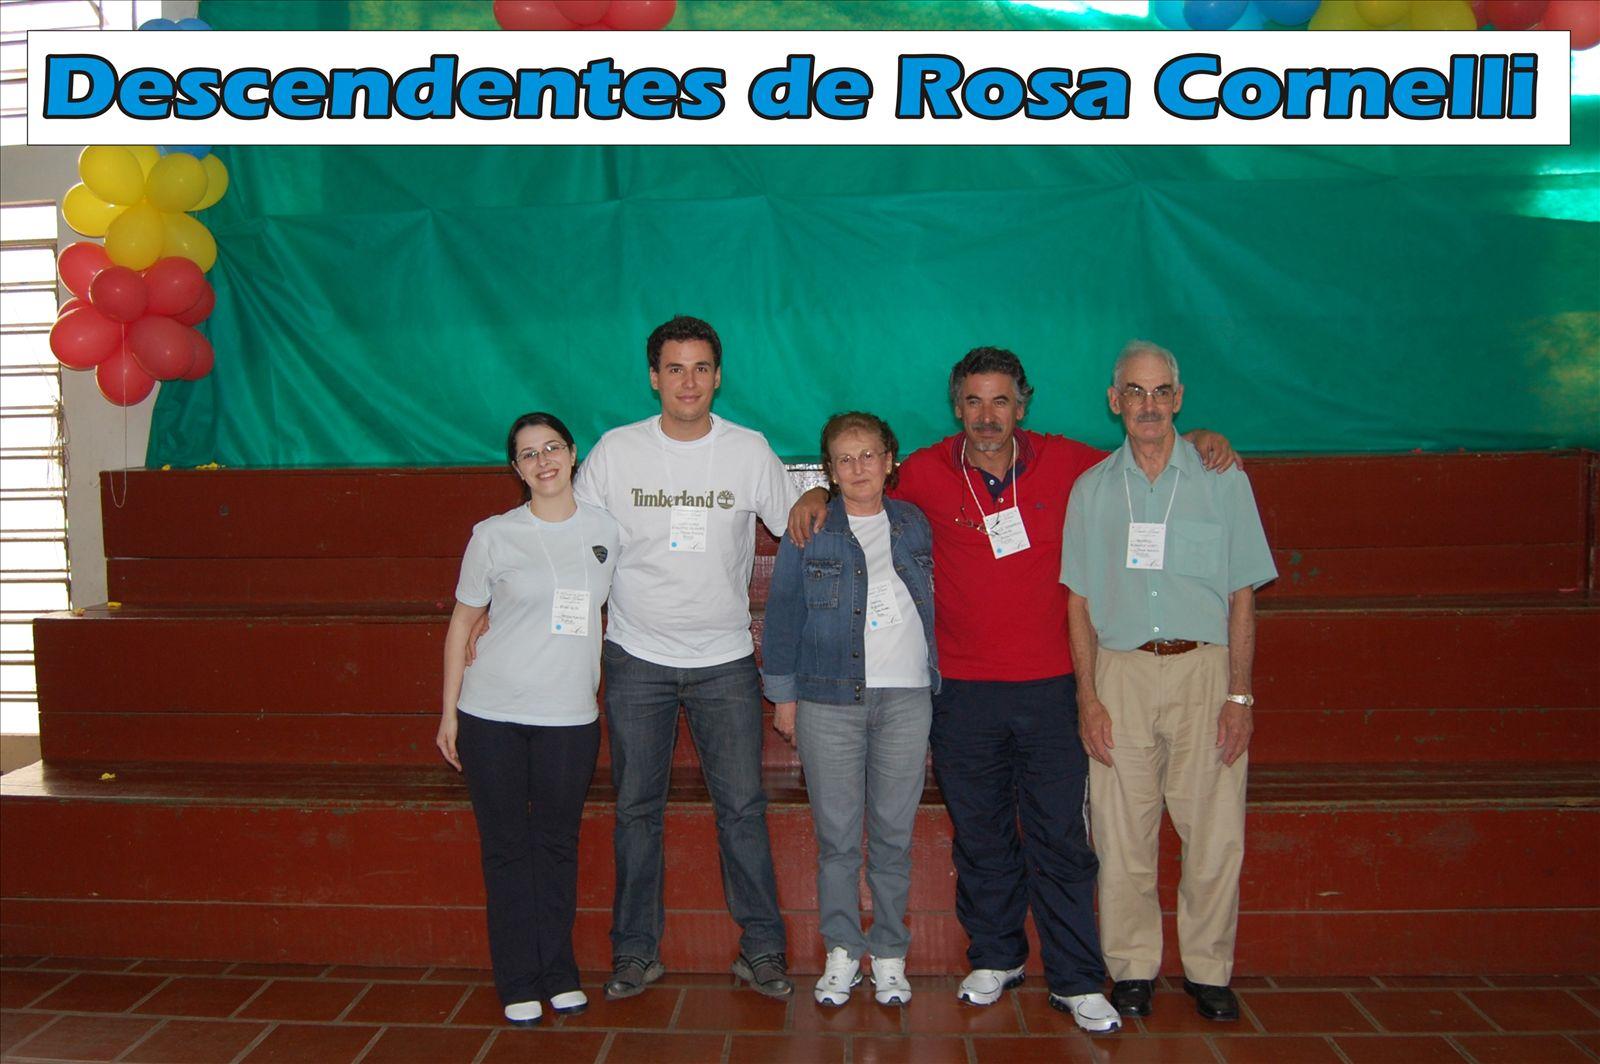 Descendentes de Rosa Cornelli 01_0